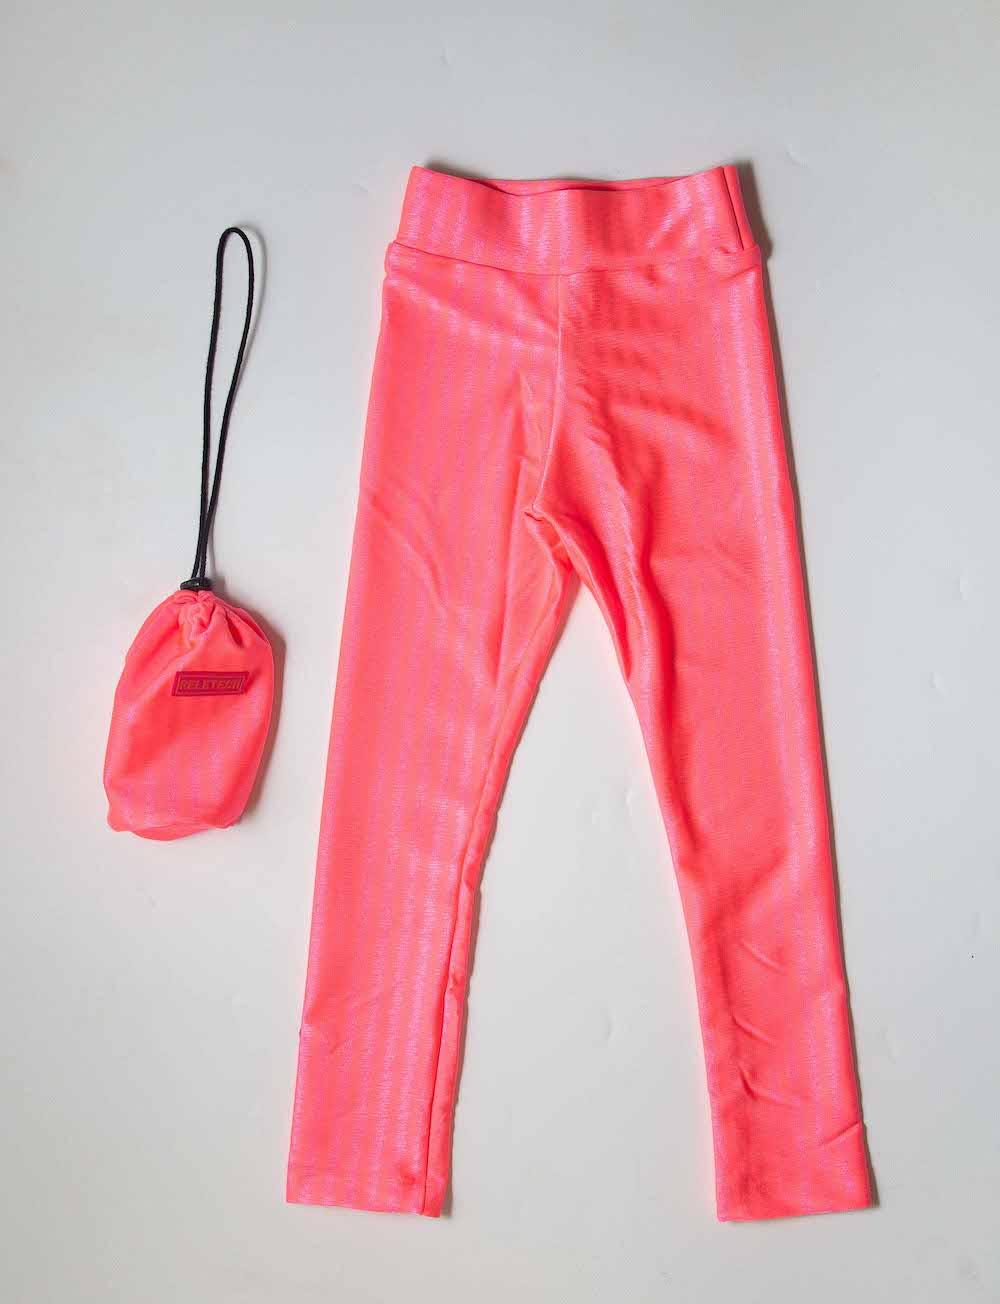 Legging Reletech Neon Pink